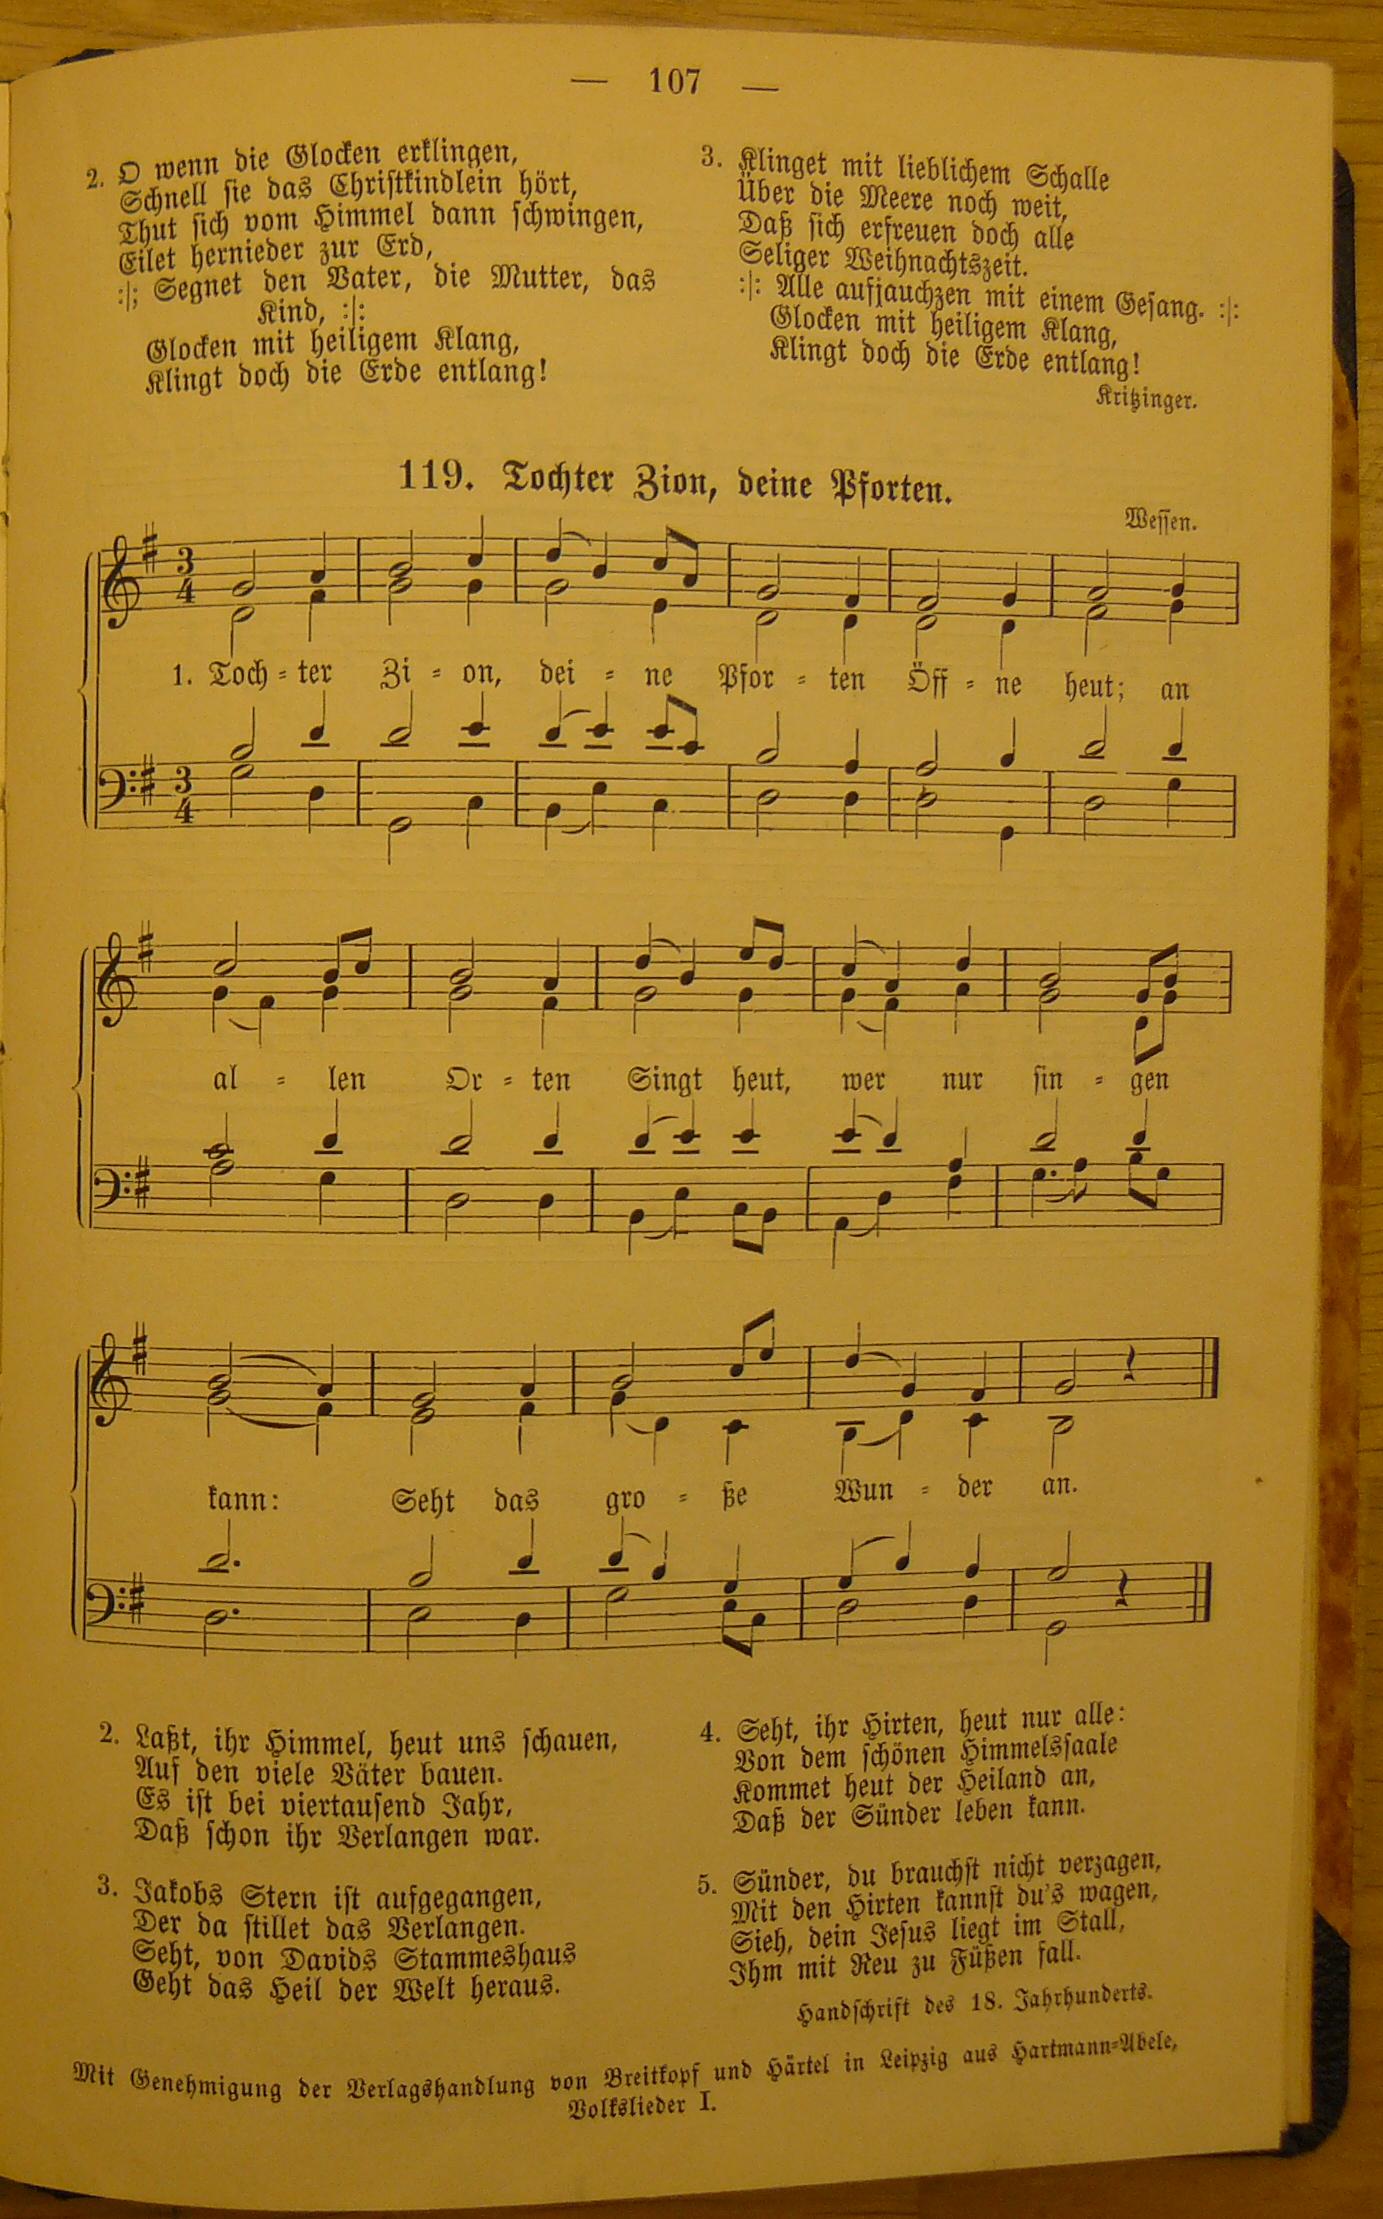 File:Das Buch der Weihnachtslieder (1896) 107.jpg - Wikimedia Commons